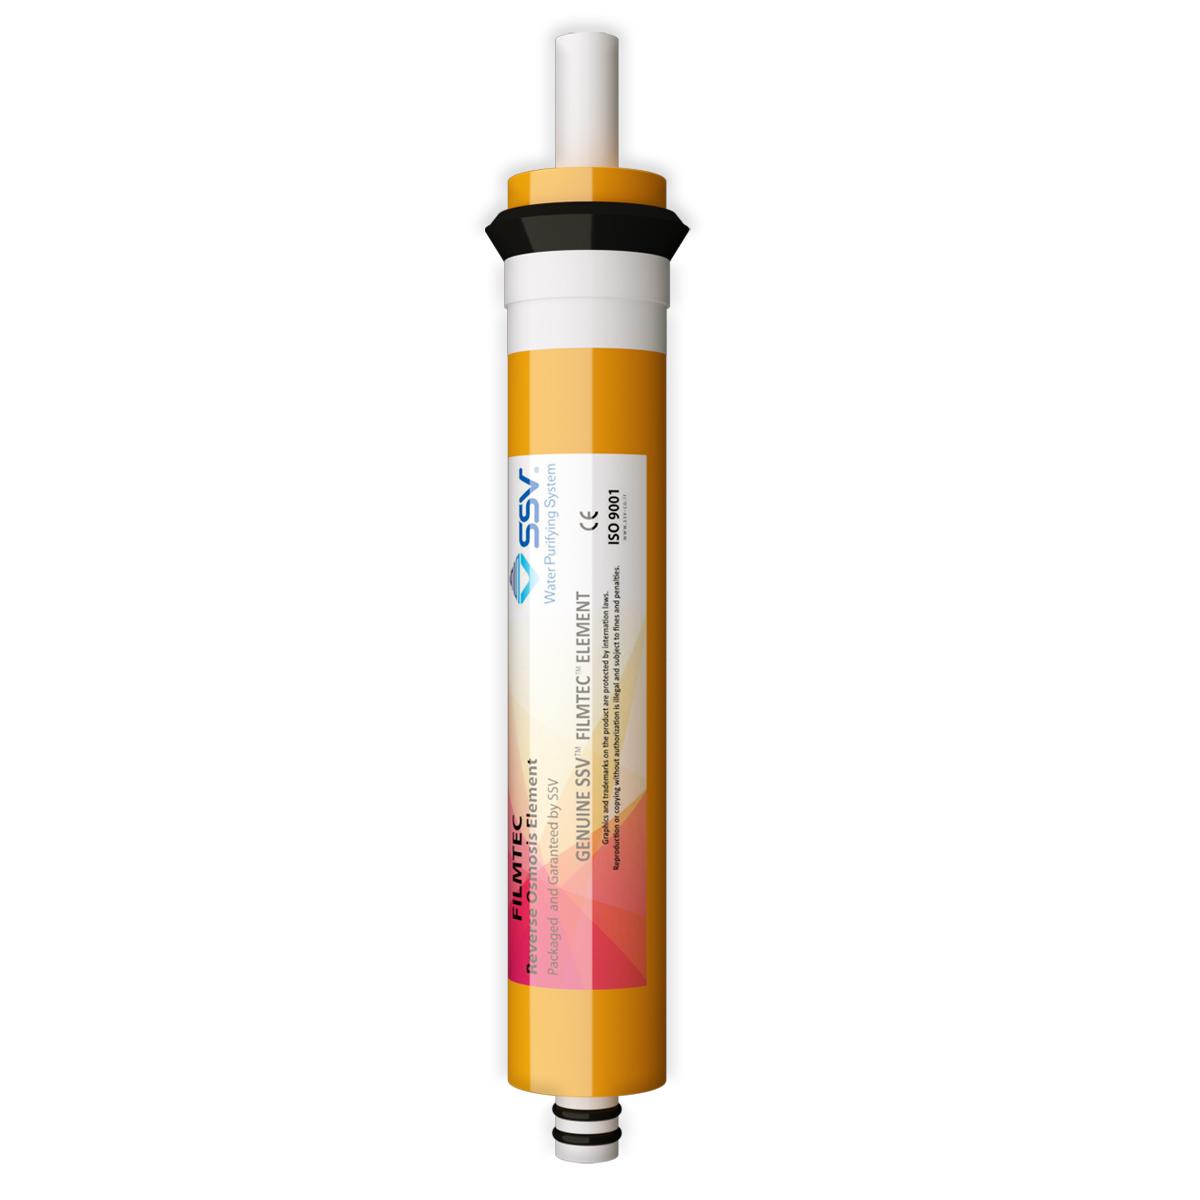 فیلتر دستگاه تصفیه کننده آب اس اس وی مدل Membrane Gold L15